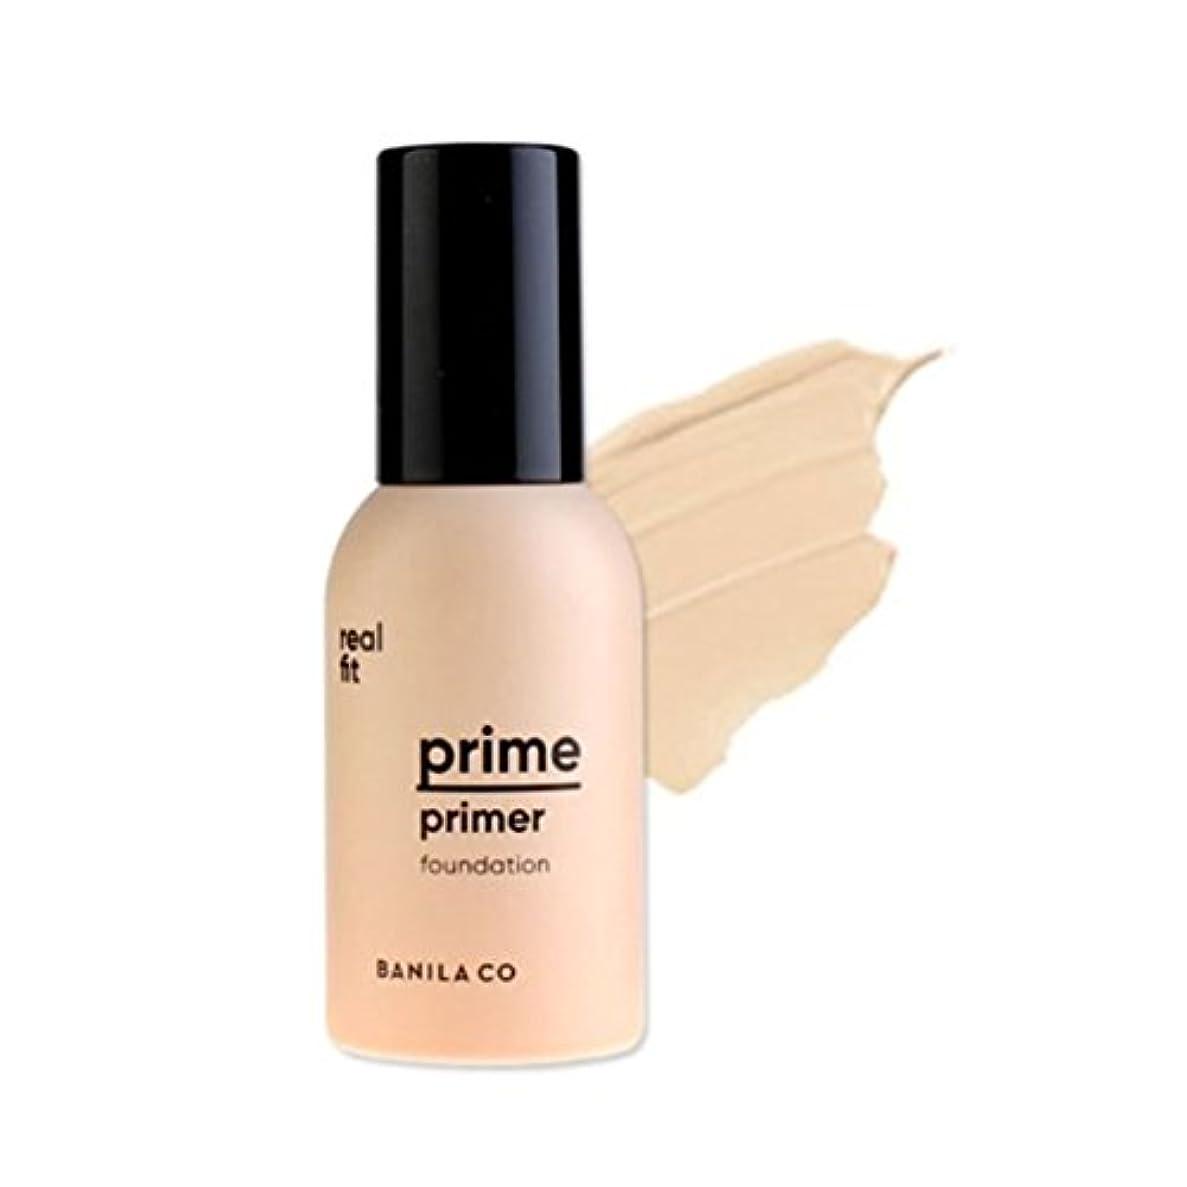 納屋なめらかな経度[Renewal] BANILA CO Prime Primer Fitting Foundation 30ml/バニラコ プライム プライマー フィッティング ファンデーション 30ml (#BE10) [並行輸入品]